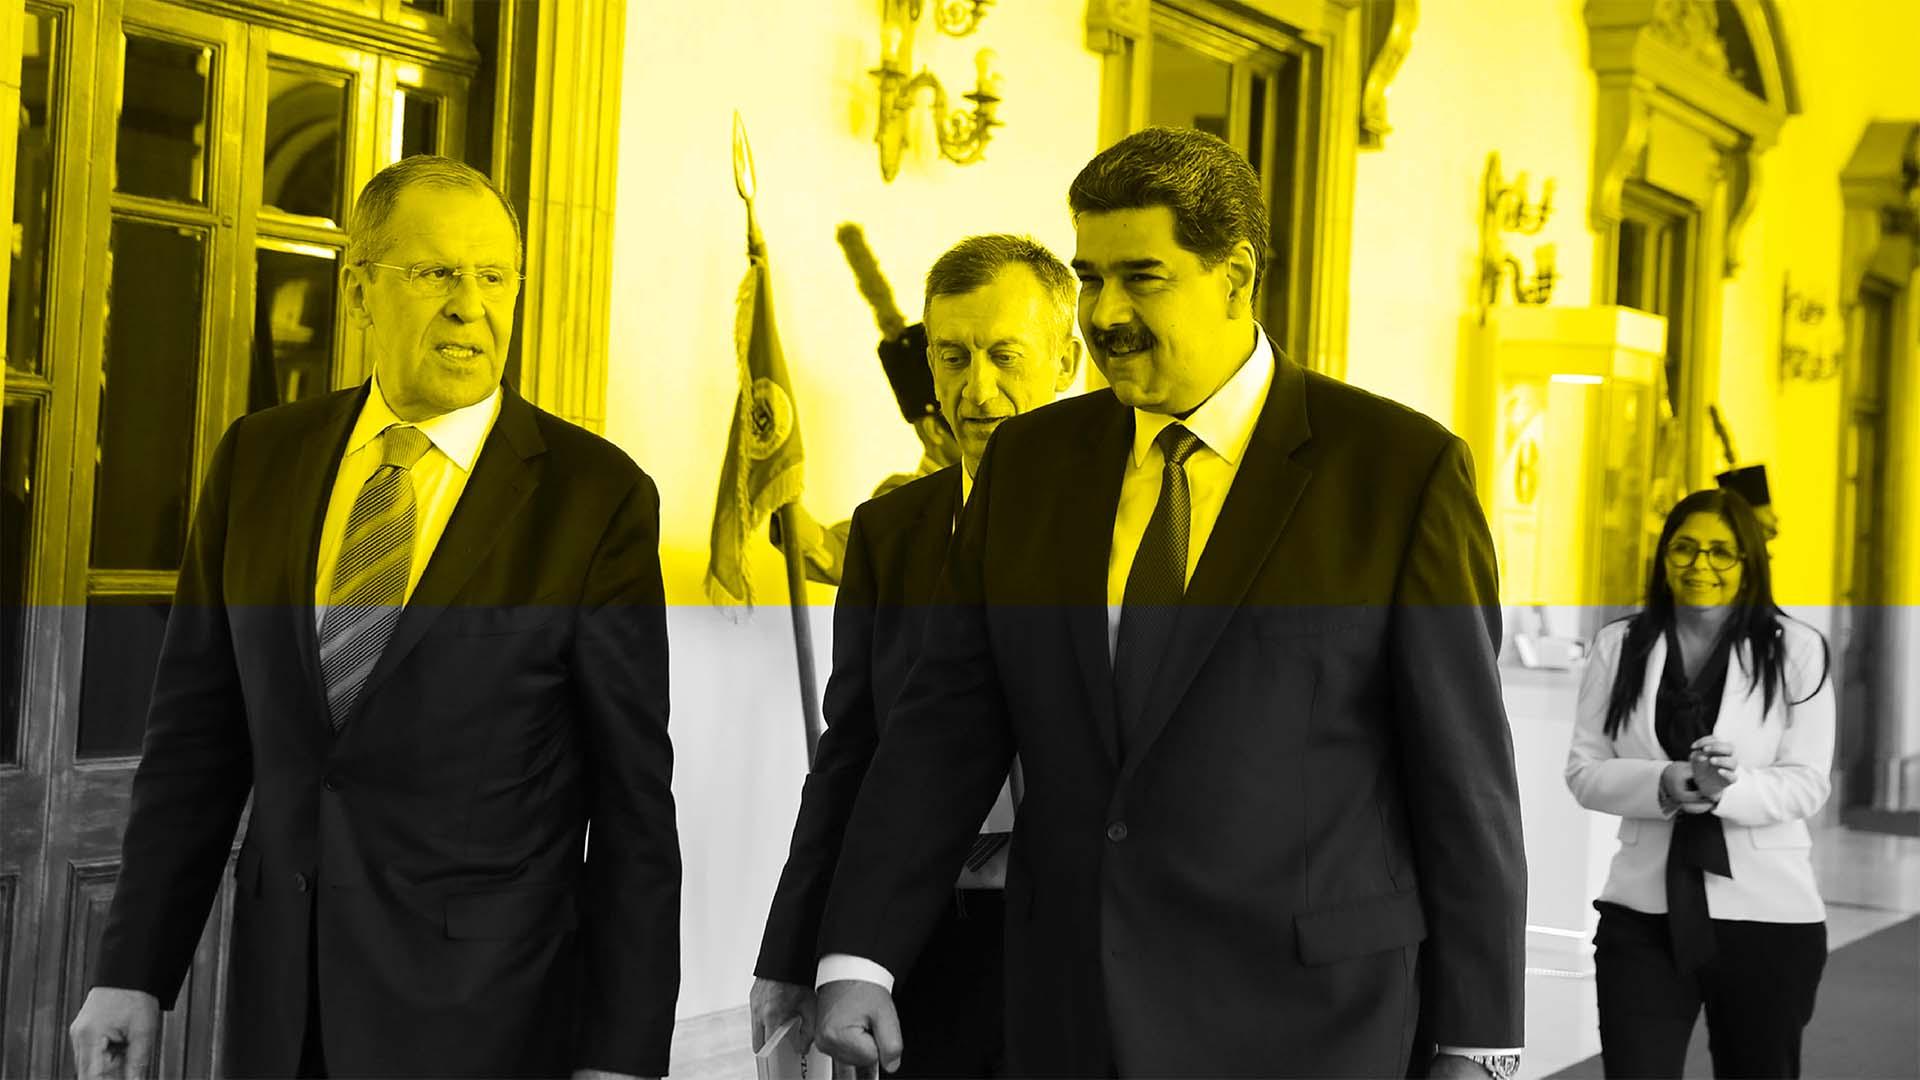 Informe Otálvora, ee.uu. unifica sanciones militares a Maduro, China y Ruisa